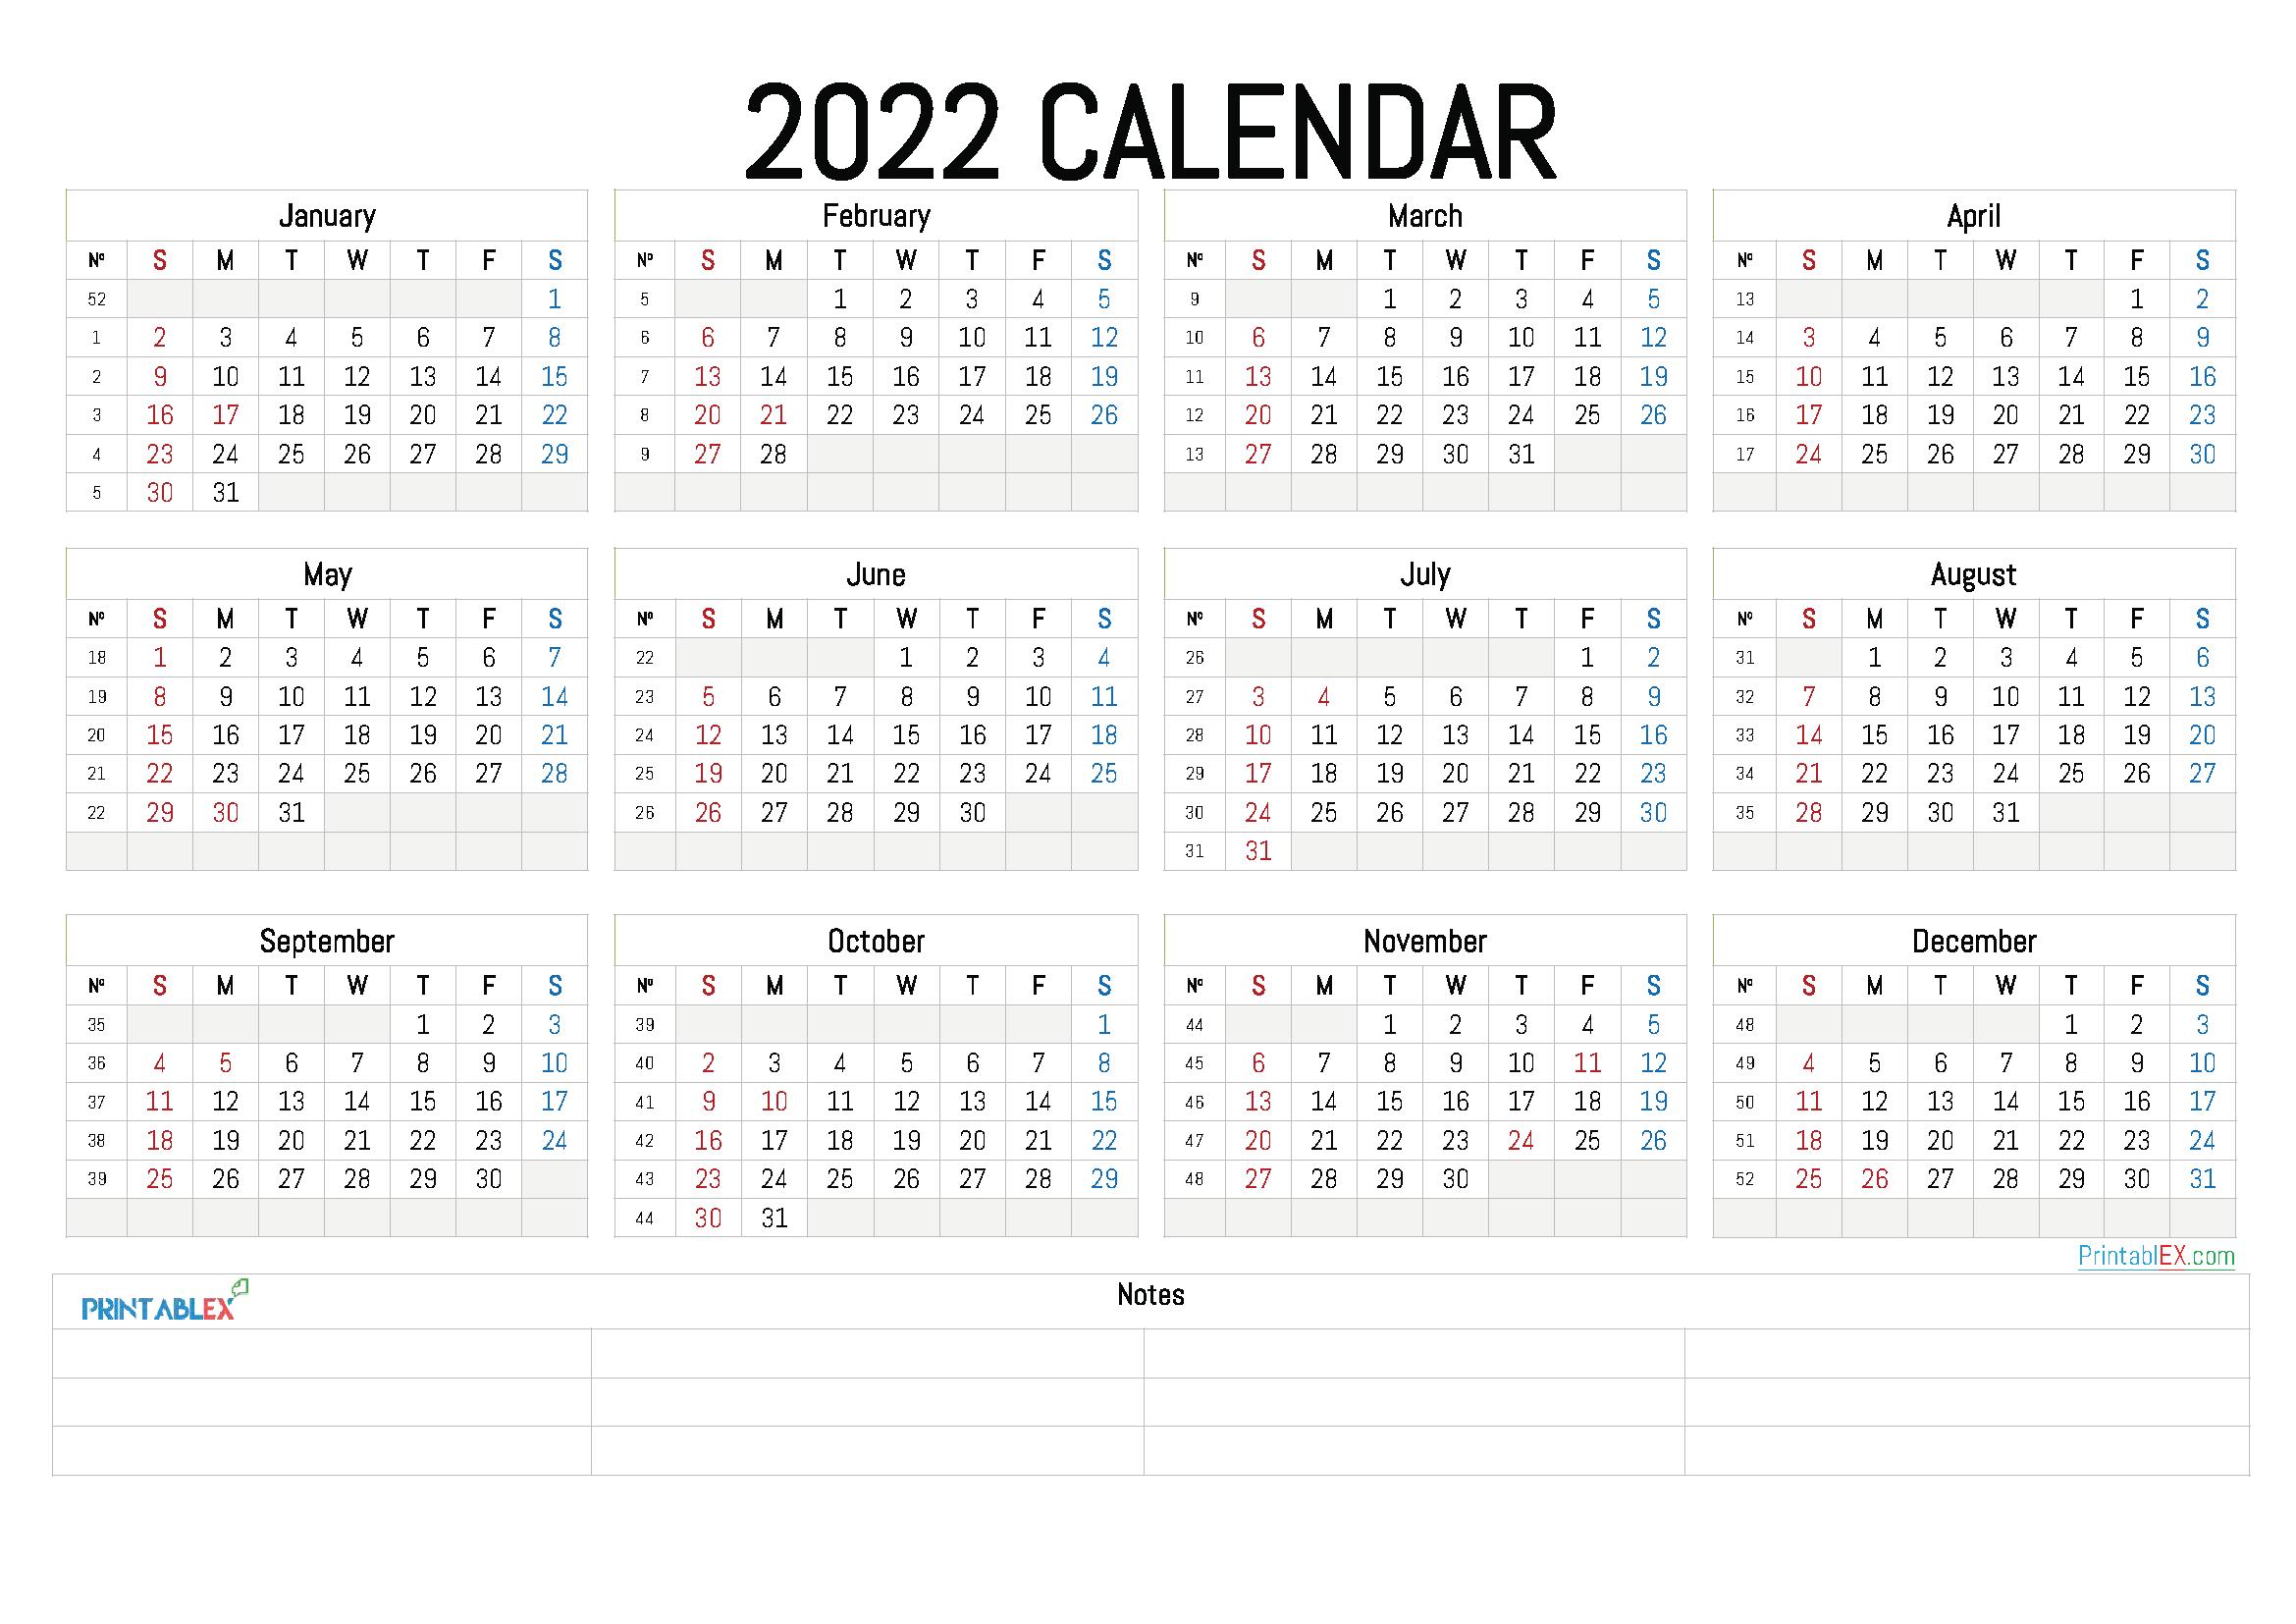 2022 Annual Calendar Printable (Font: bahns)